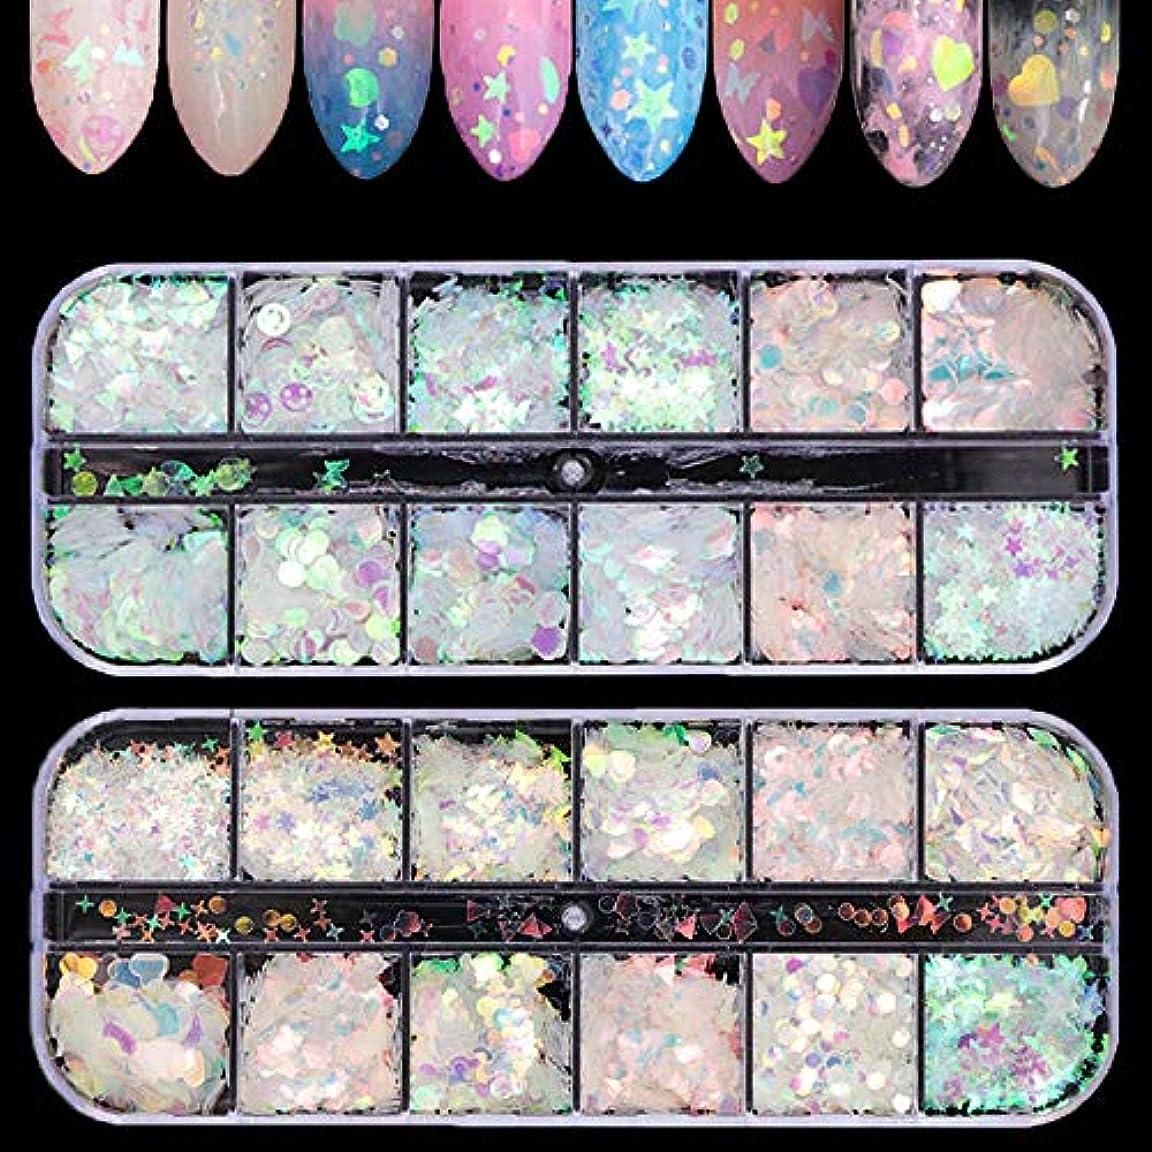 話す不純用心するKalolary 24色ホログラフィックネイルレインボーカラースパンコール ネイルグリッター DIYネイルアートフラッシュ装飾(2箱)